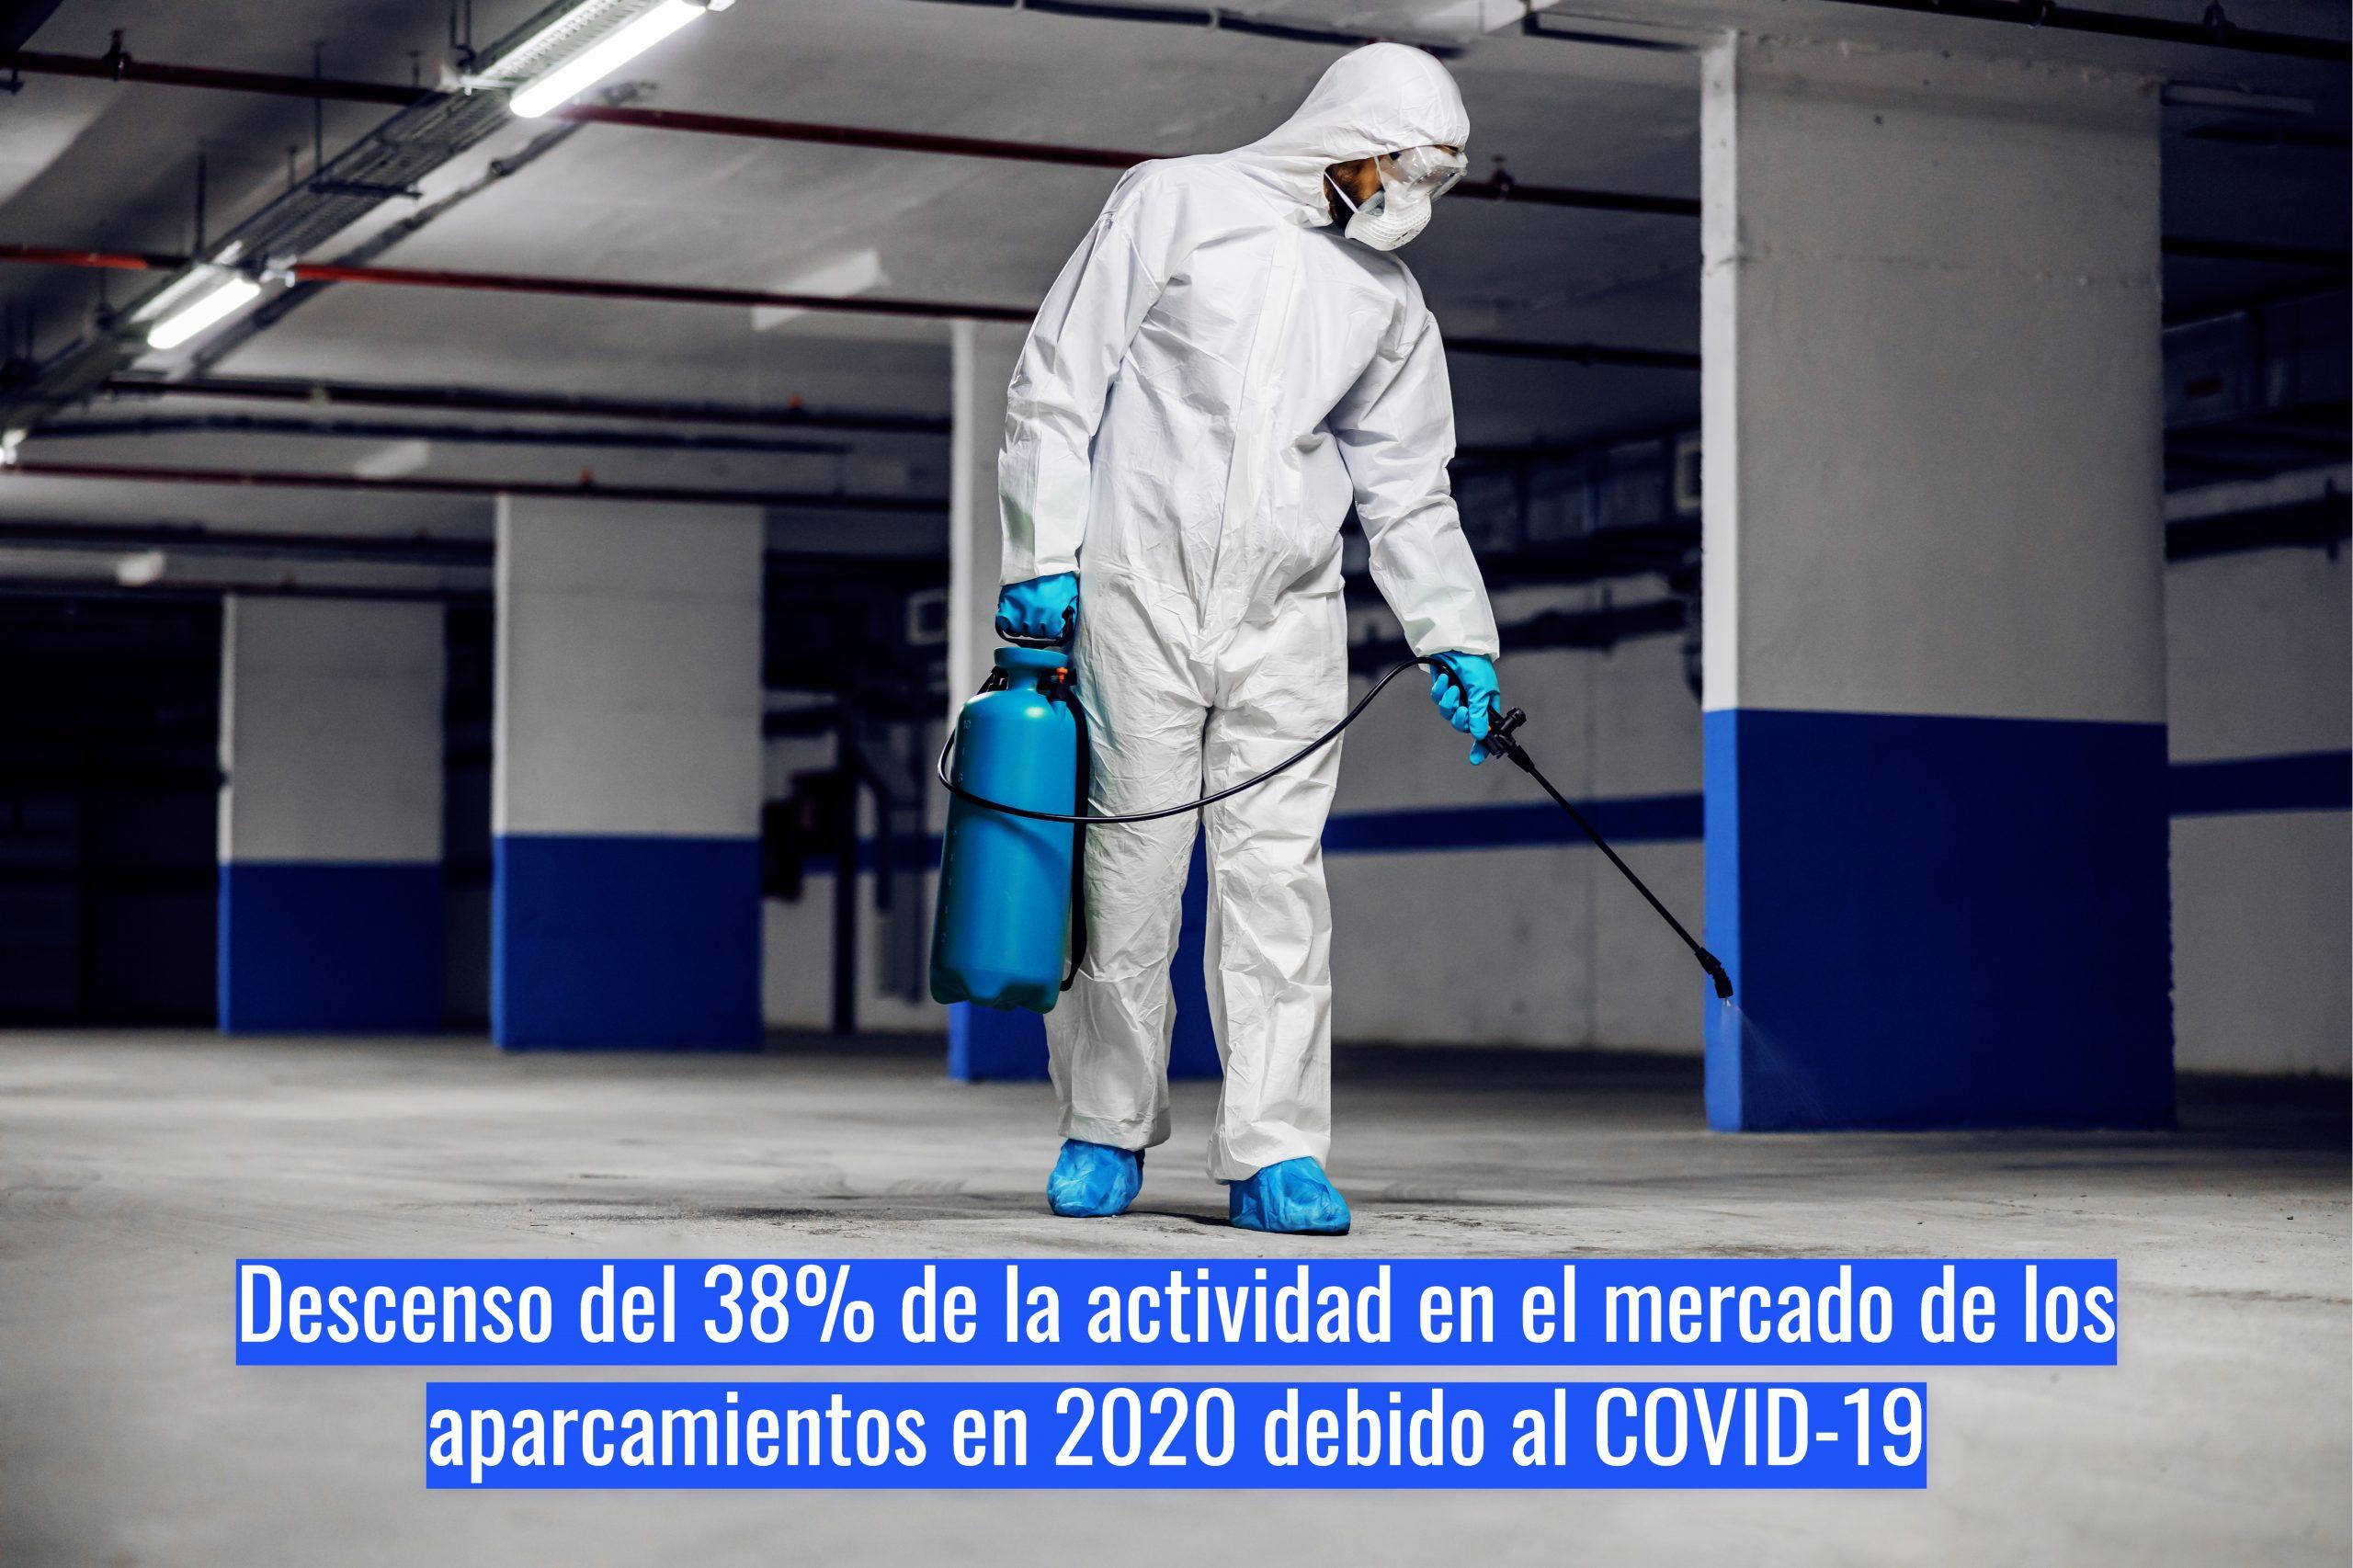 Descenso del 38% en el mercado de los aparcamientos en 2020 debido al COVID-19